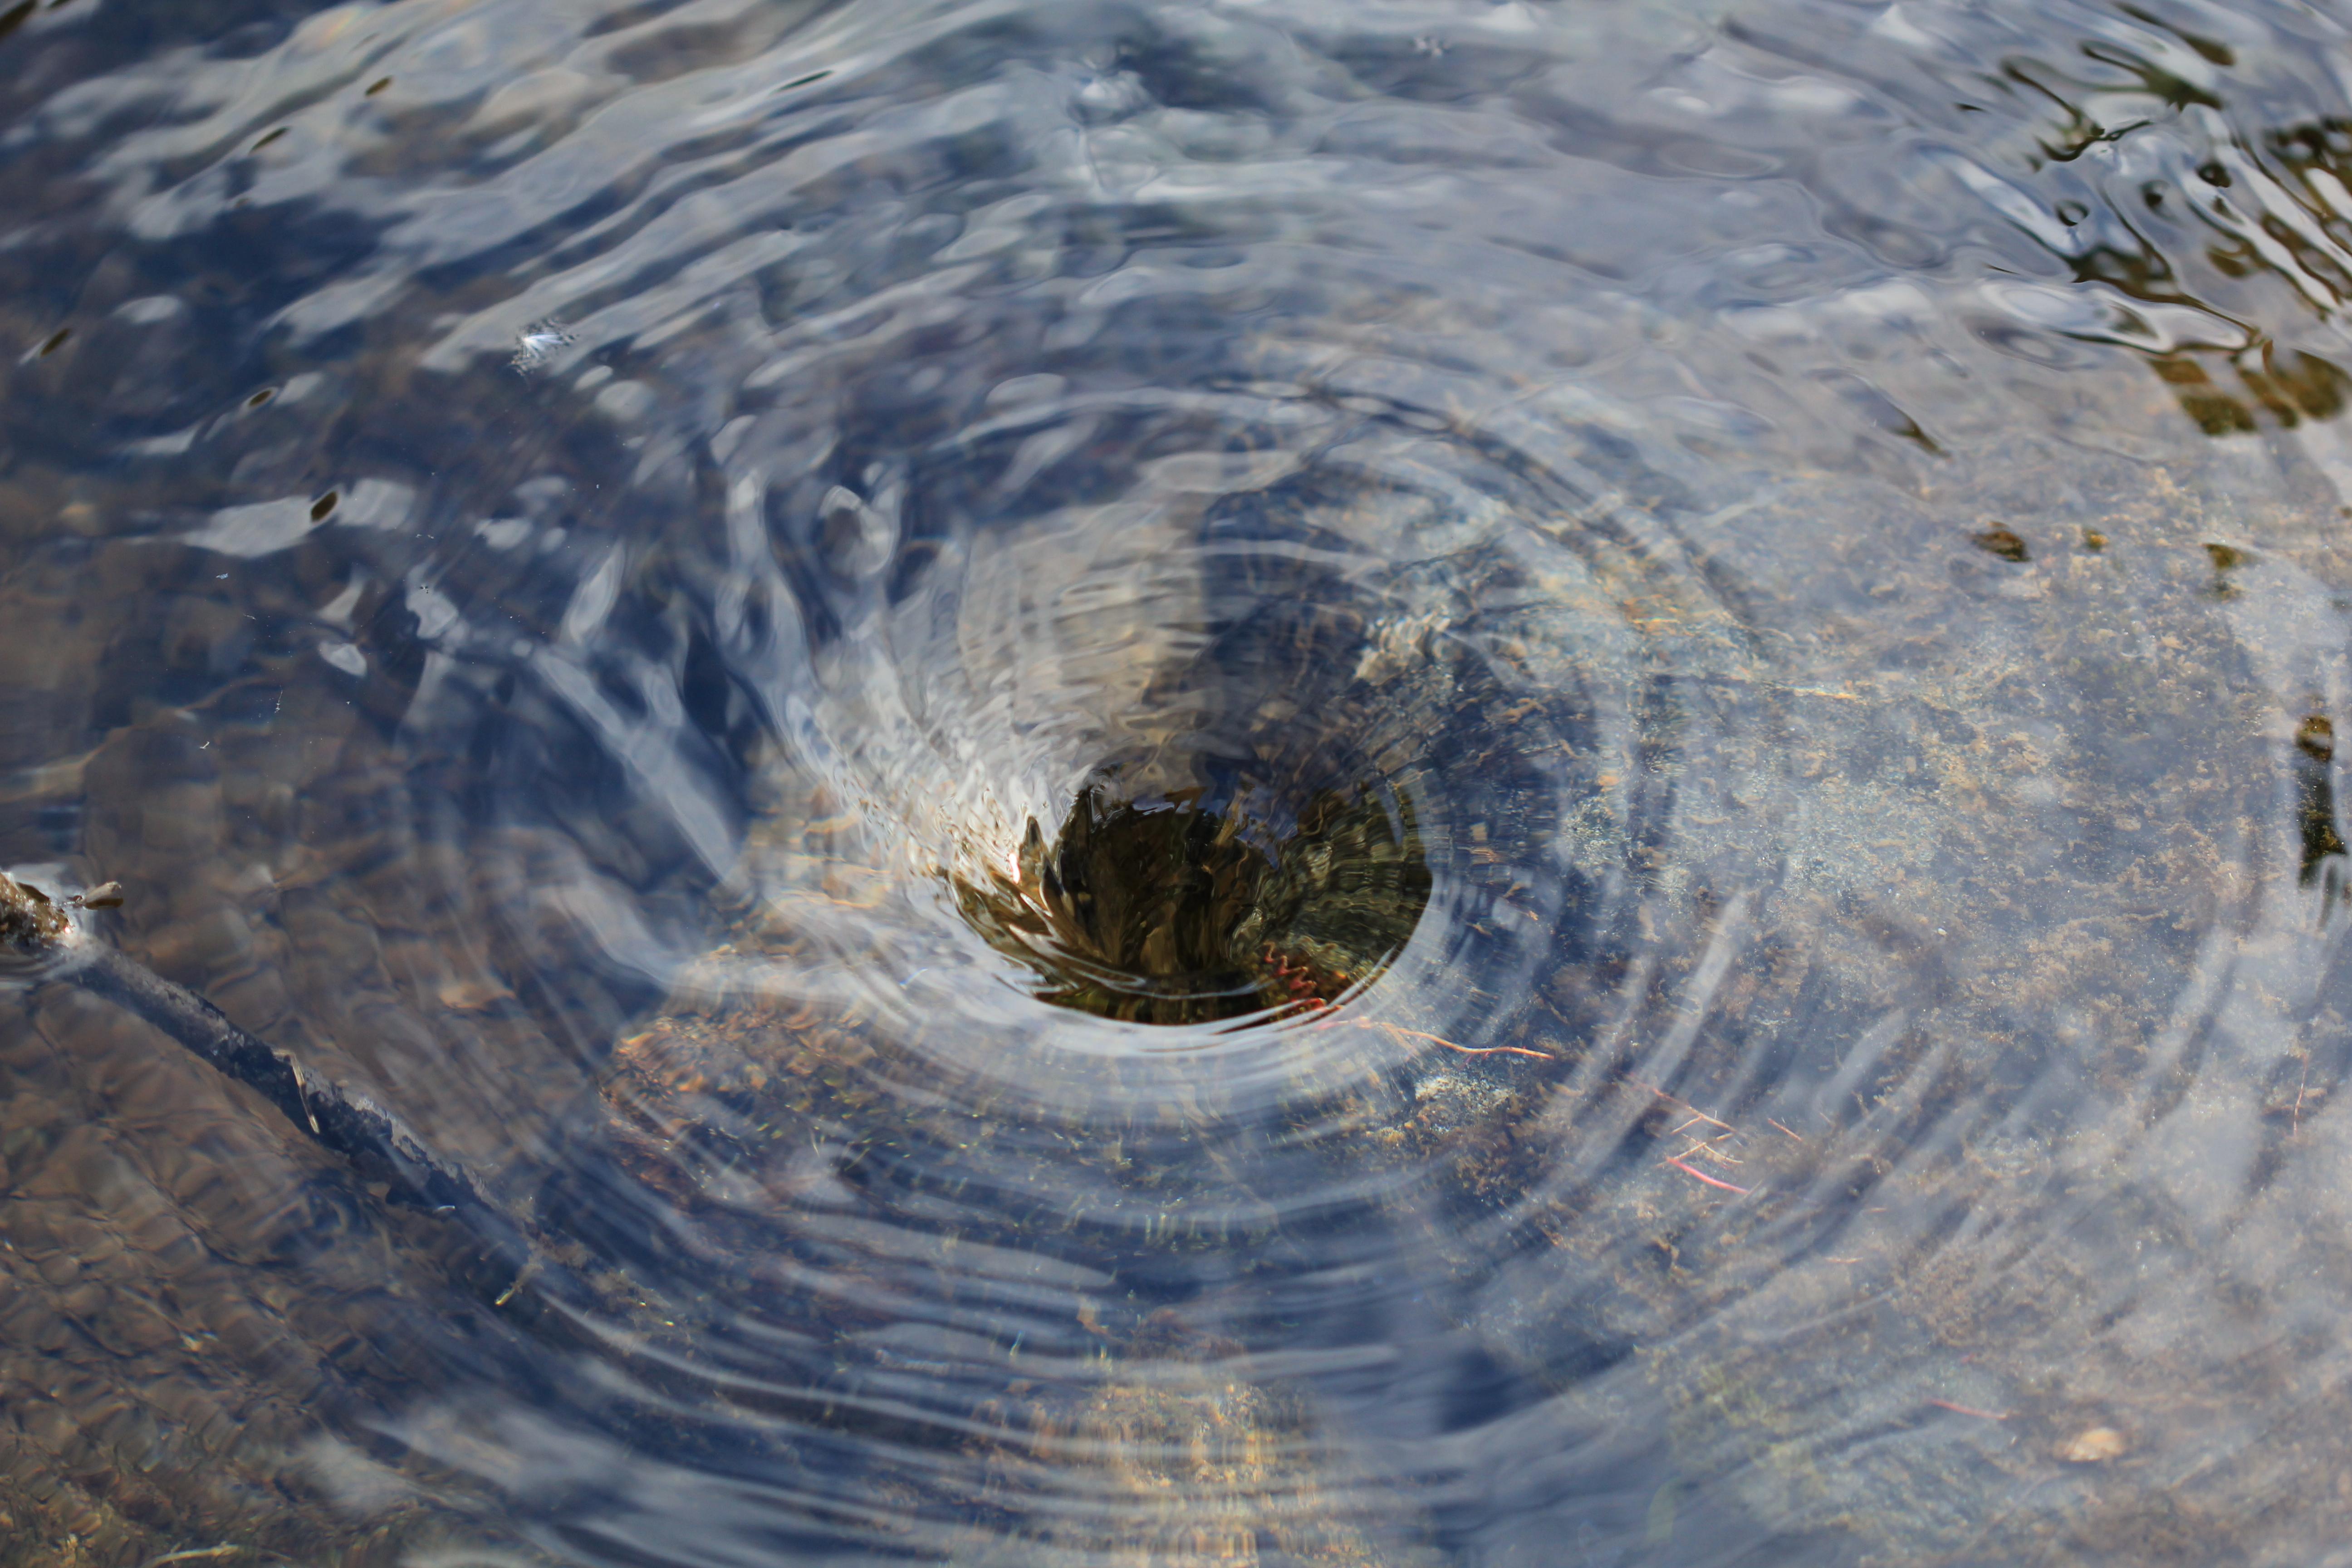 Whirlpool - Wikipedia